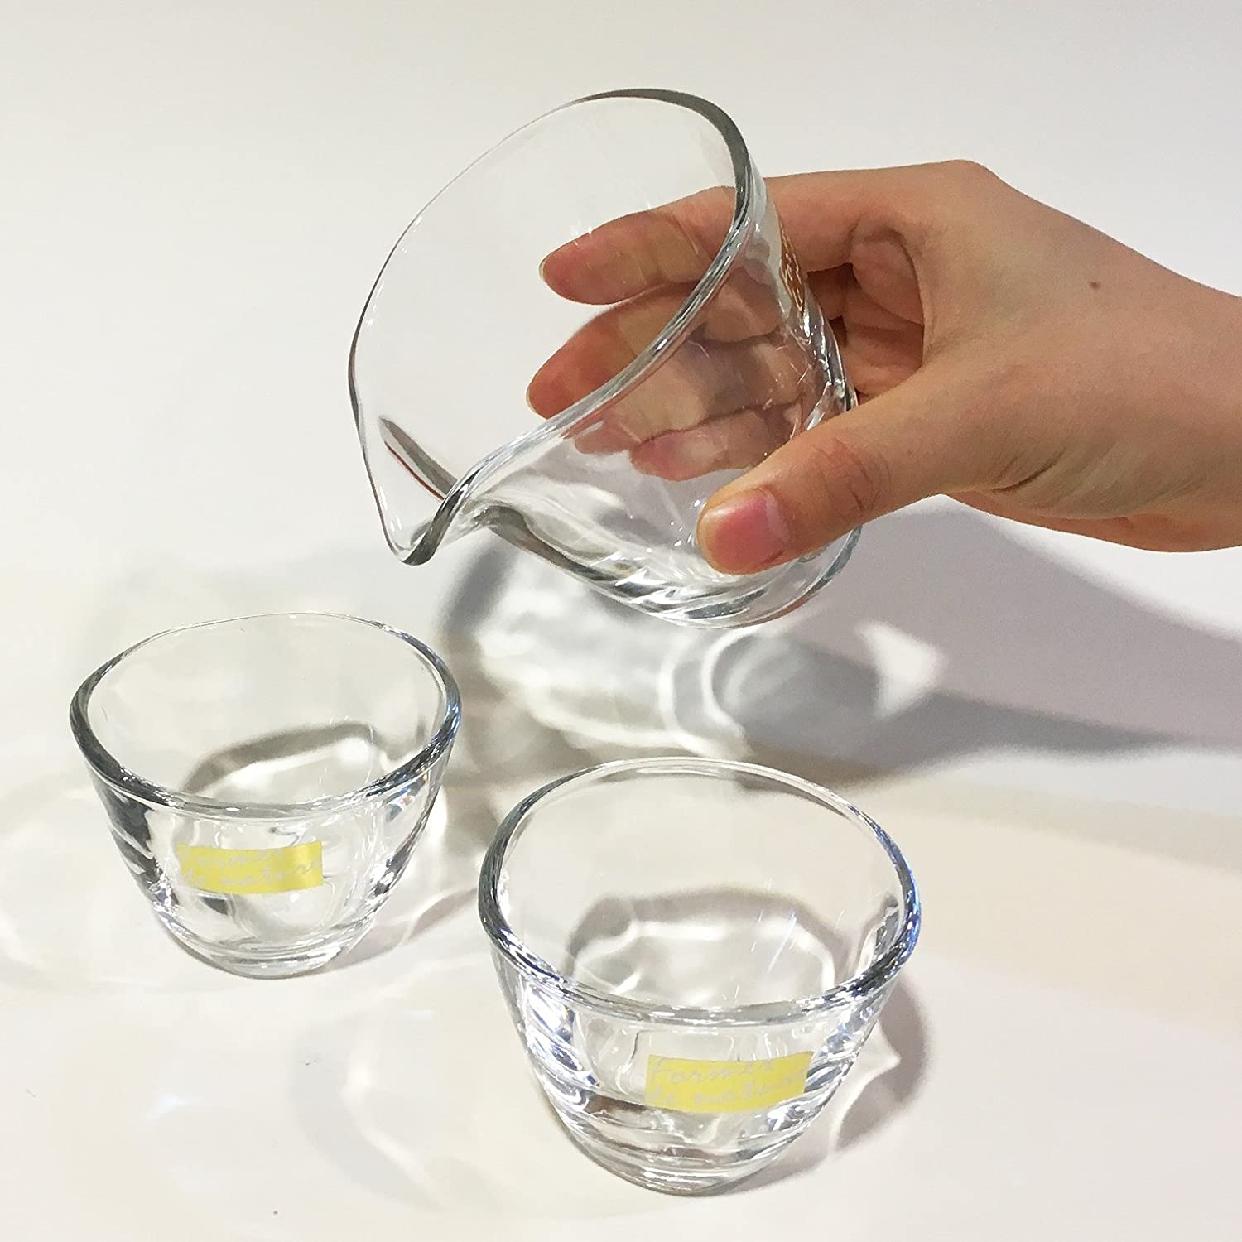 ADERIA(アデリア)Formes de nature 片口冷酒器 S-6202の商品画像2